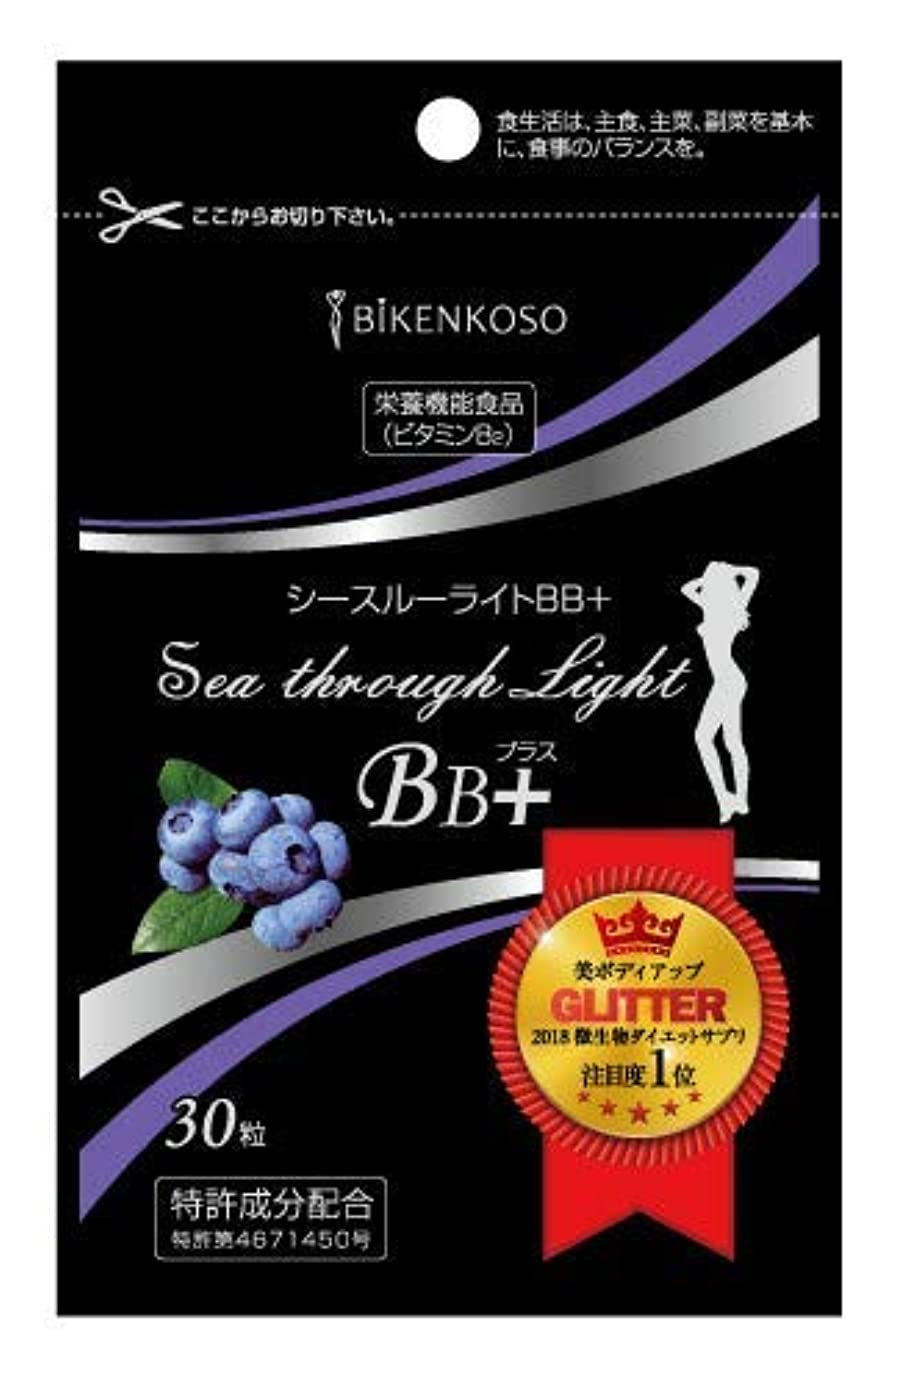 請求文献出発シースルーライトBBプラス (30粒)  乳酸菌 酵素サプリ 酵母サプリ 日本製